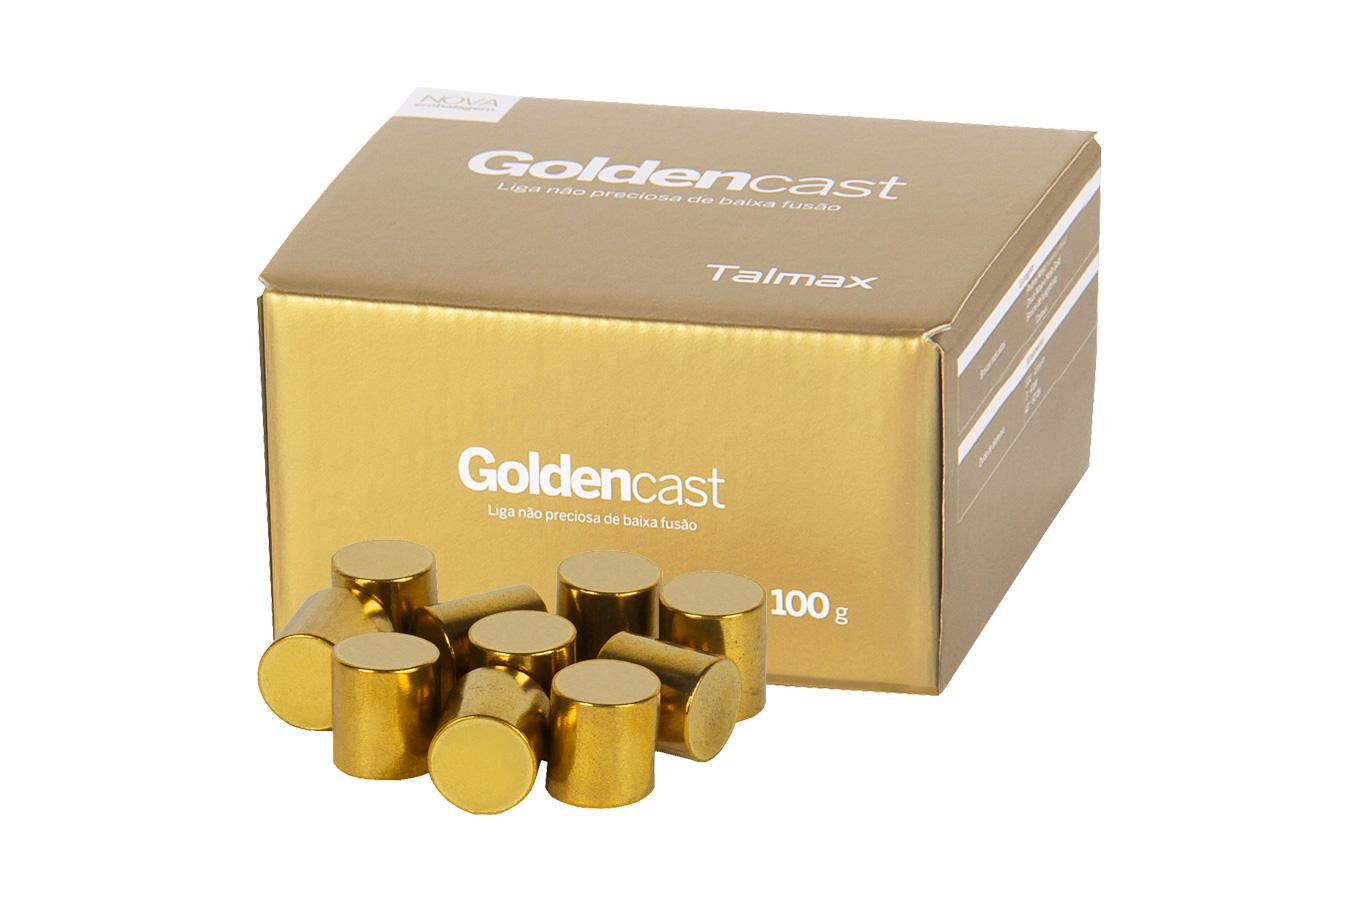 Golden Cast